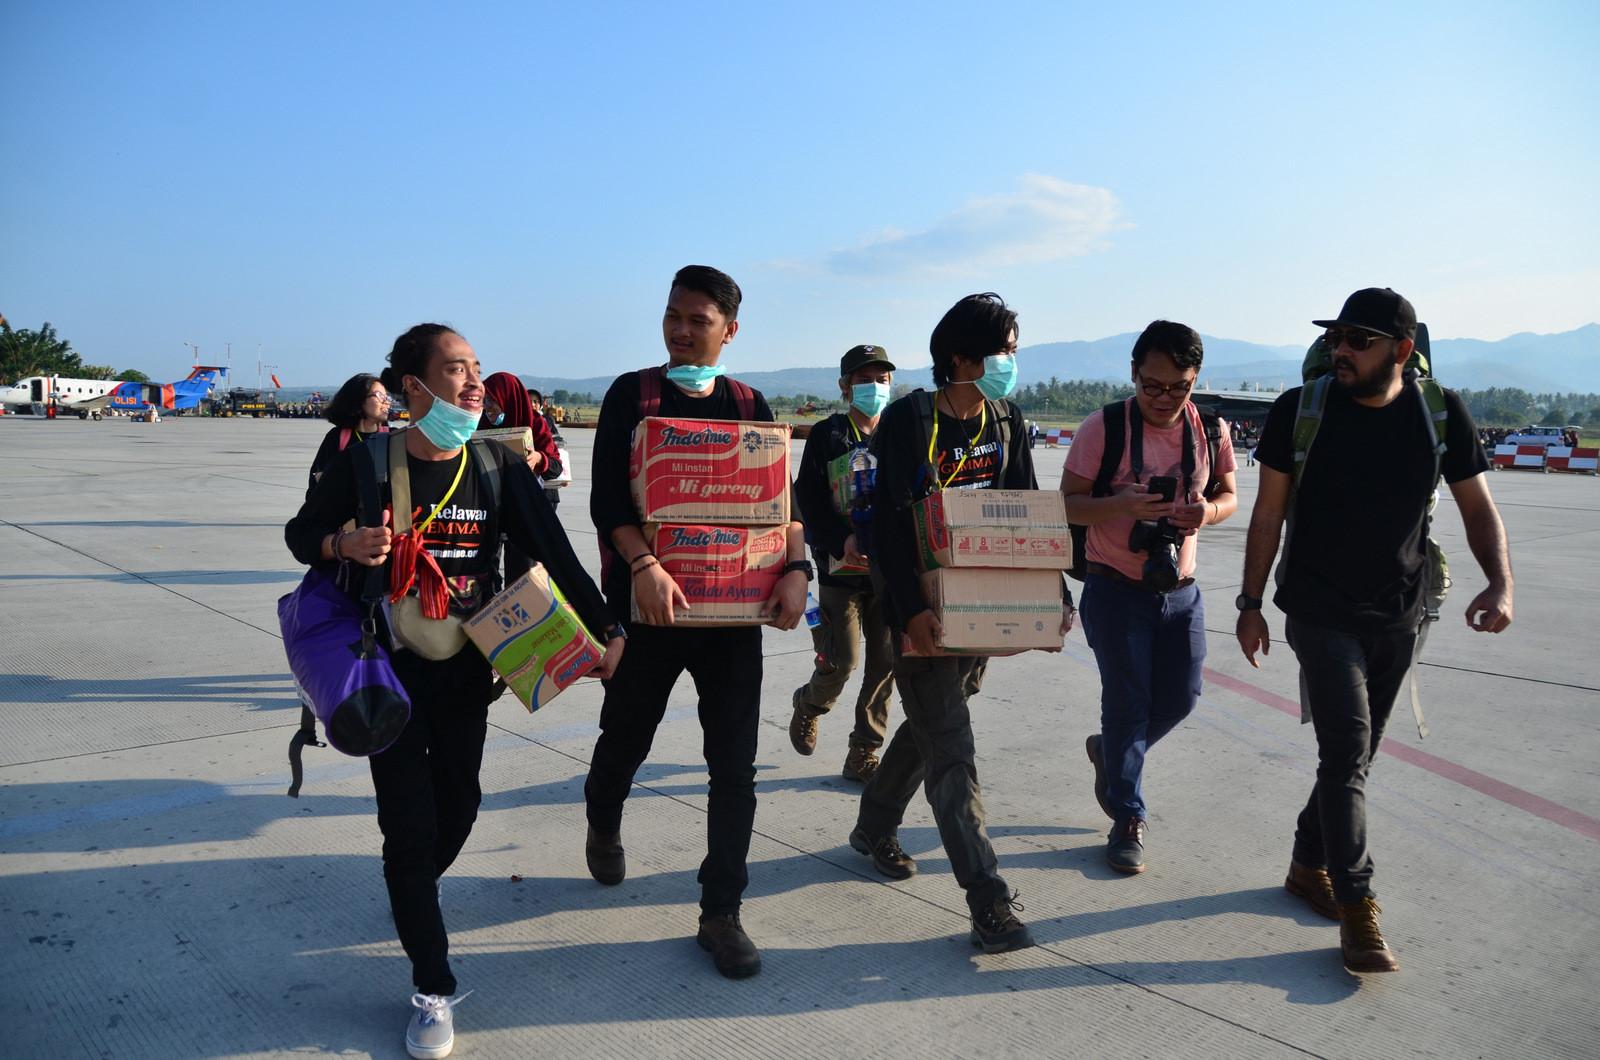 Thảm họa kép Indonesia: Ghi nhận của PV từ đầu cầu cứu trợ hàng không Palu Ảnh 8